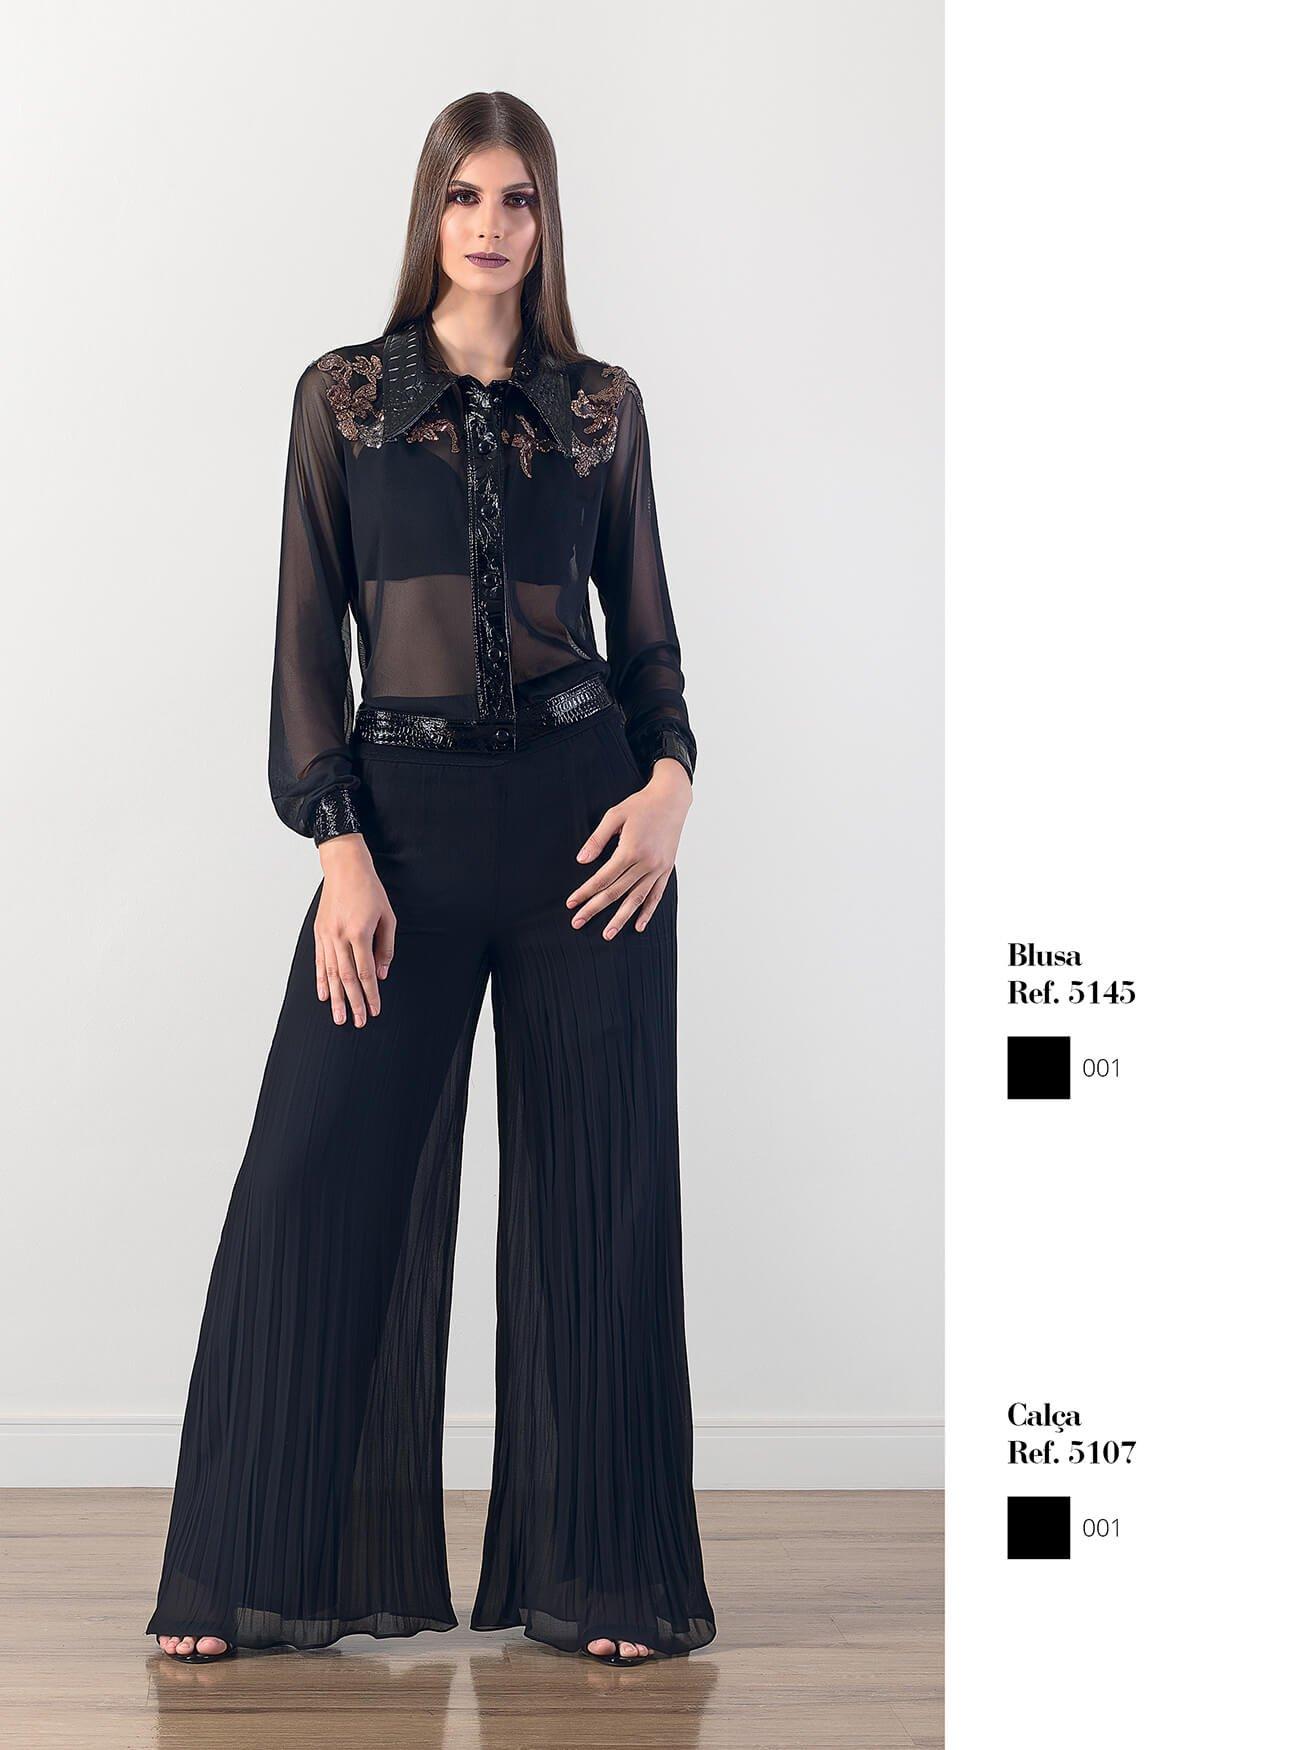 Jaqueta com bordados e transparência | Calça plissada